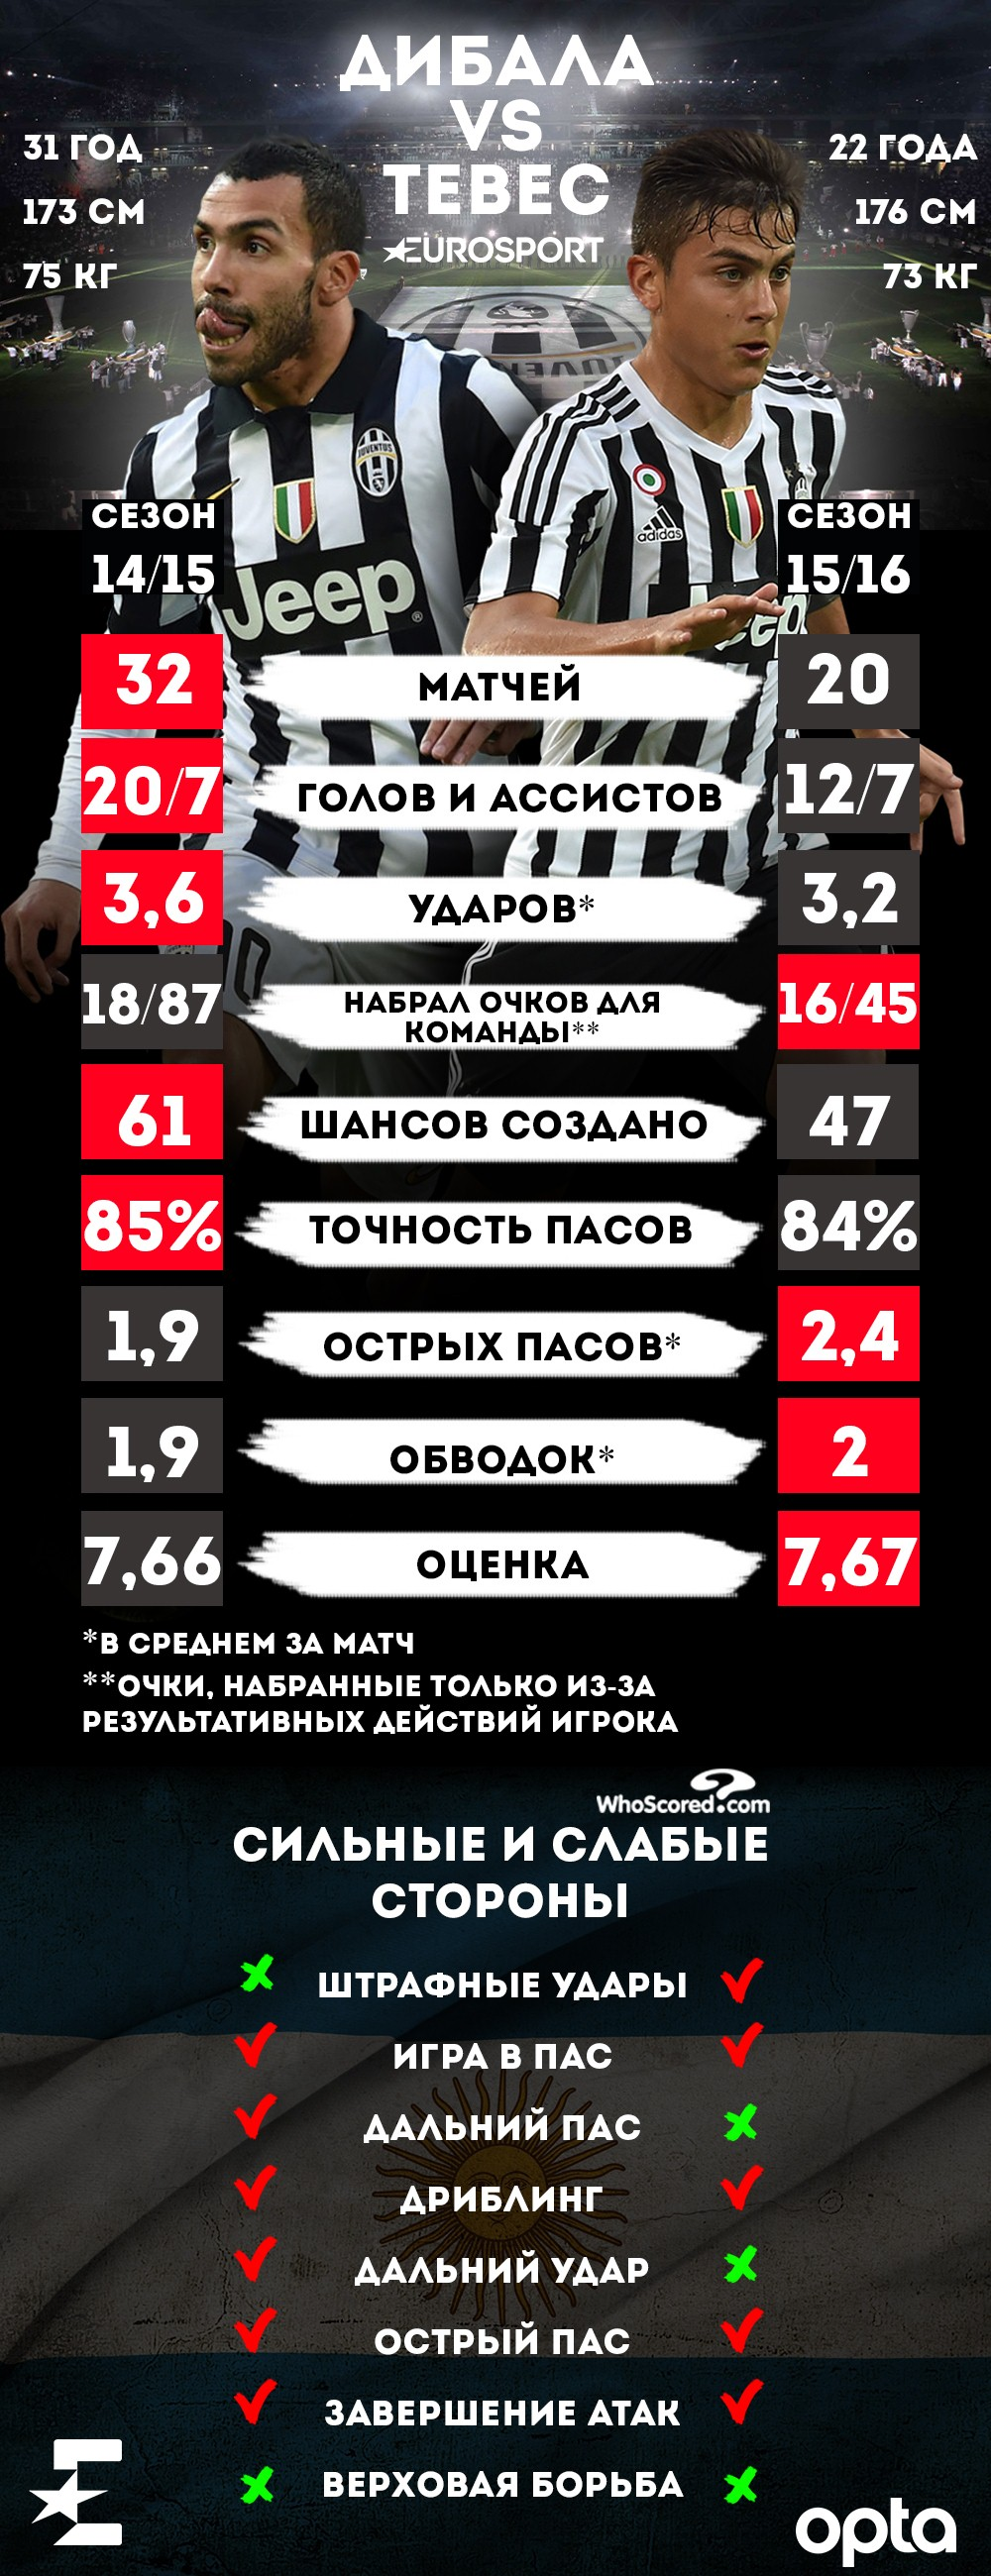 Инфографика: Дибала vs Тевес